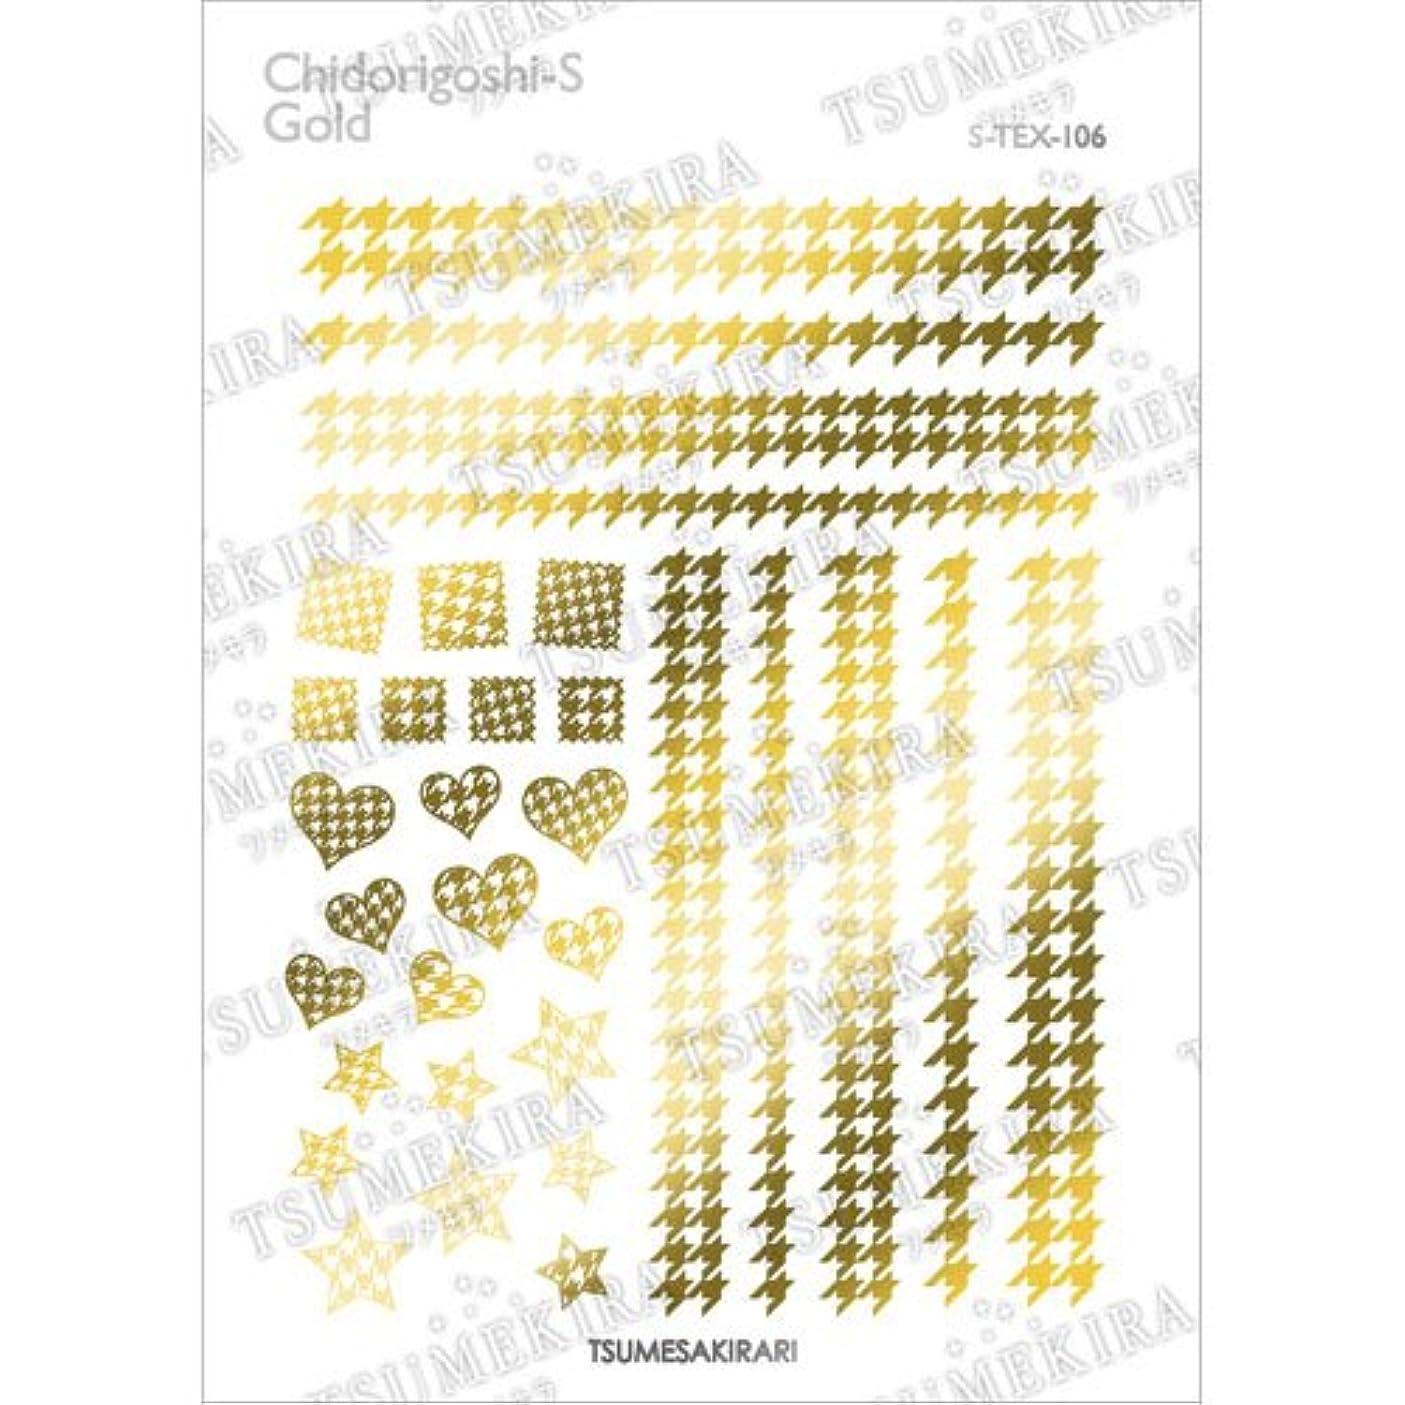 アトミック石灰岩特別なツメキラ ネイル用シール スタンダードスタイル 千鳥格子 GOLD